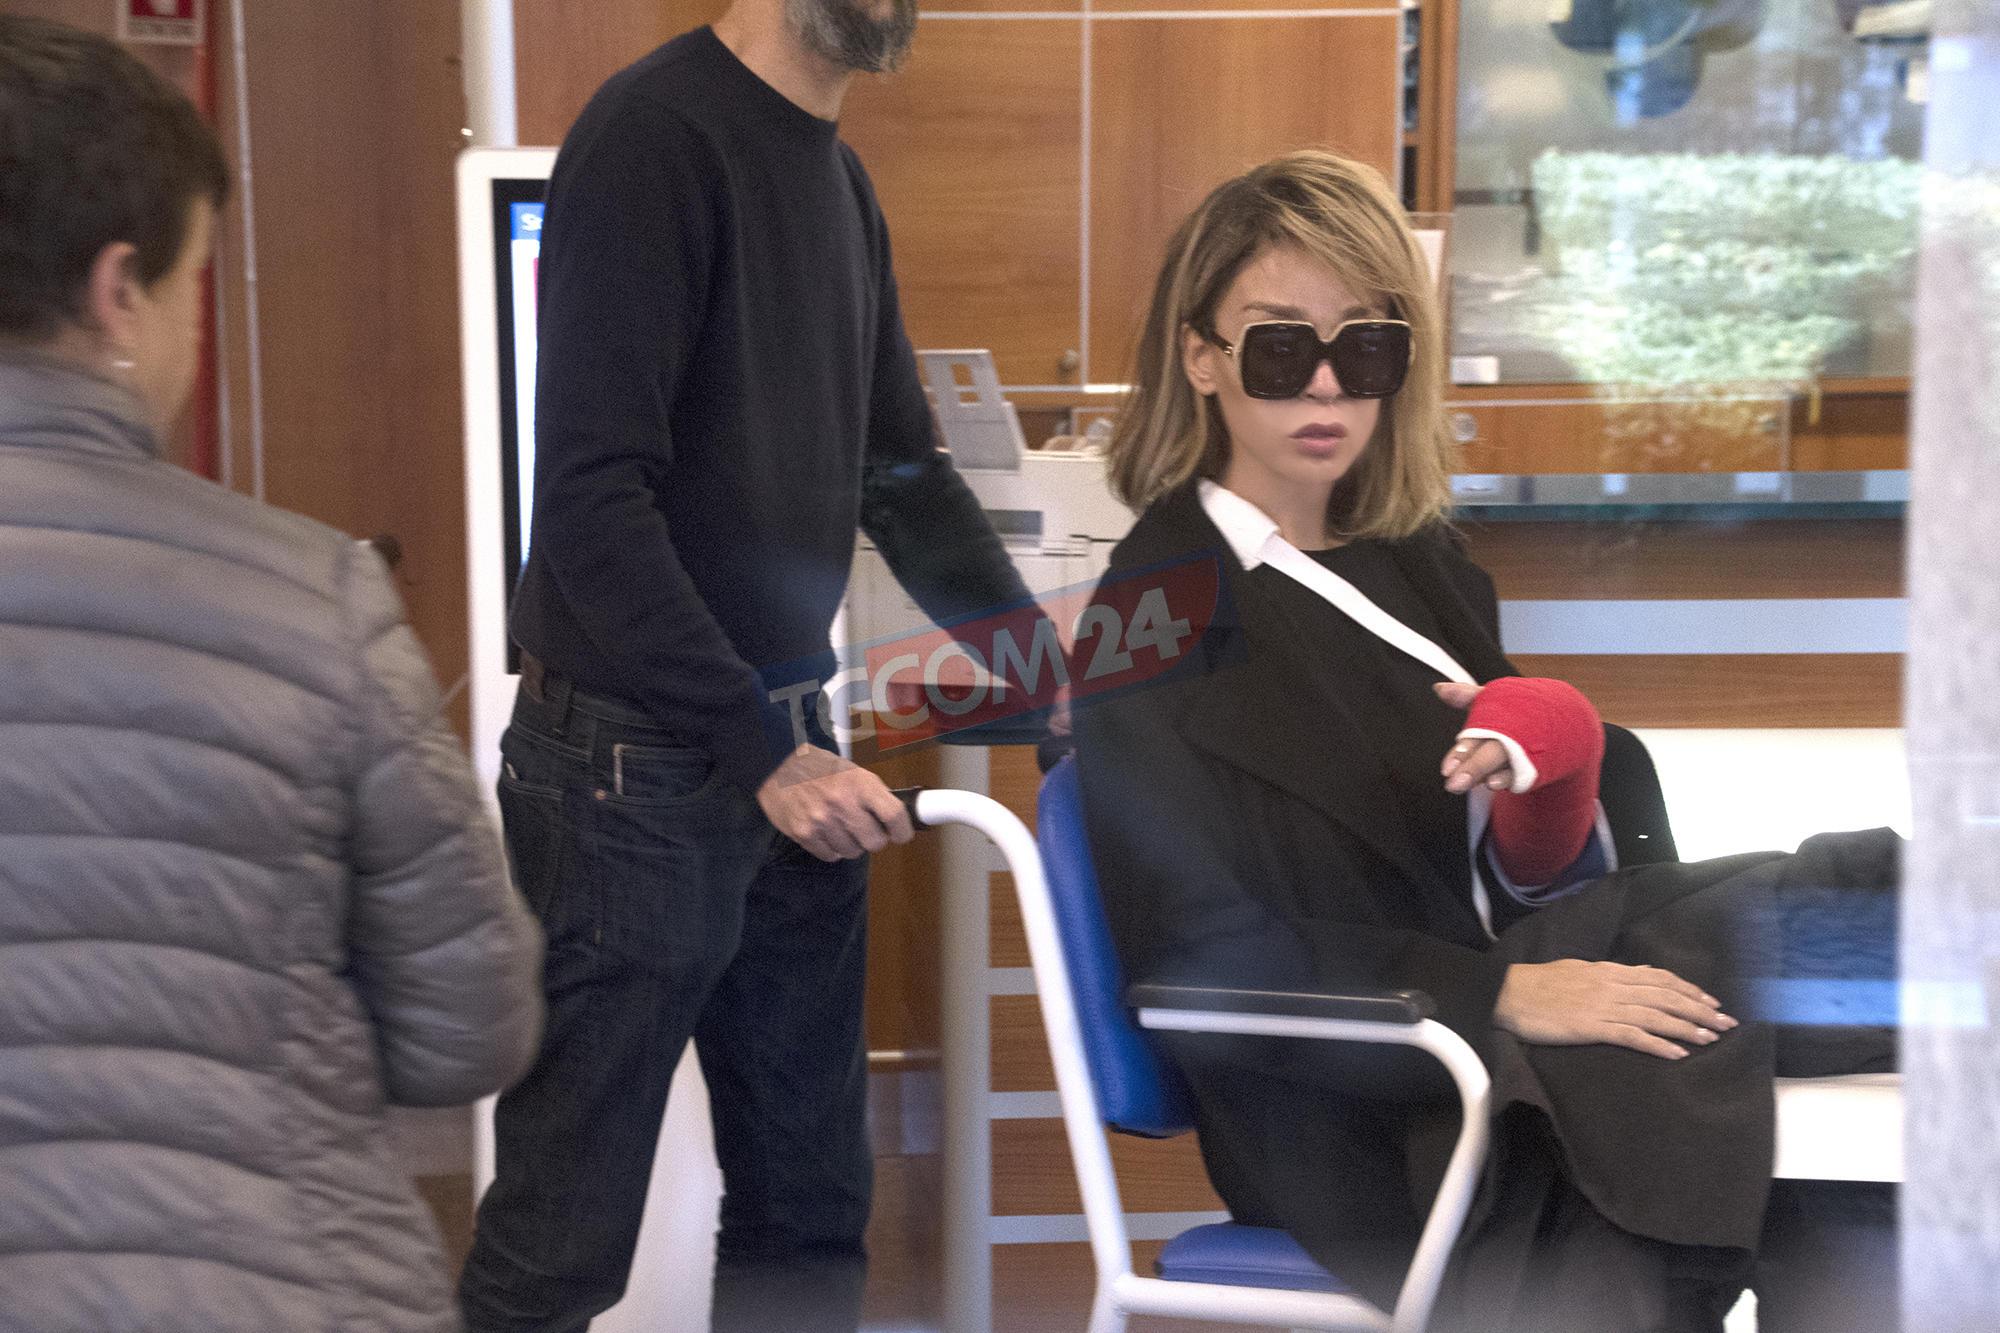 Vittoria Schisano in ospedale, le immagini esclusive di Tgcom24